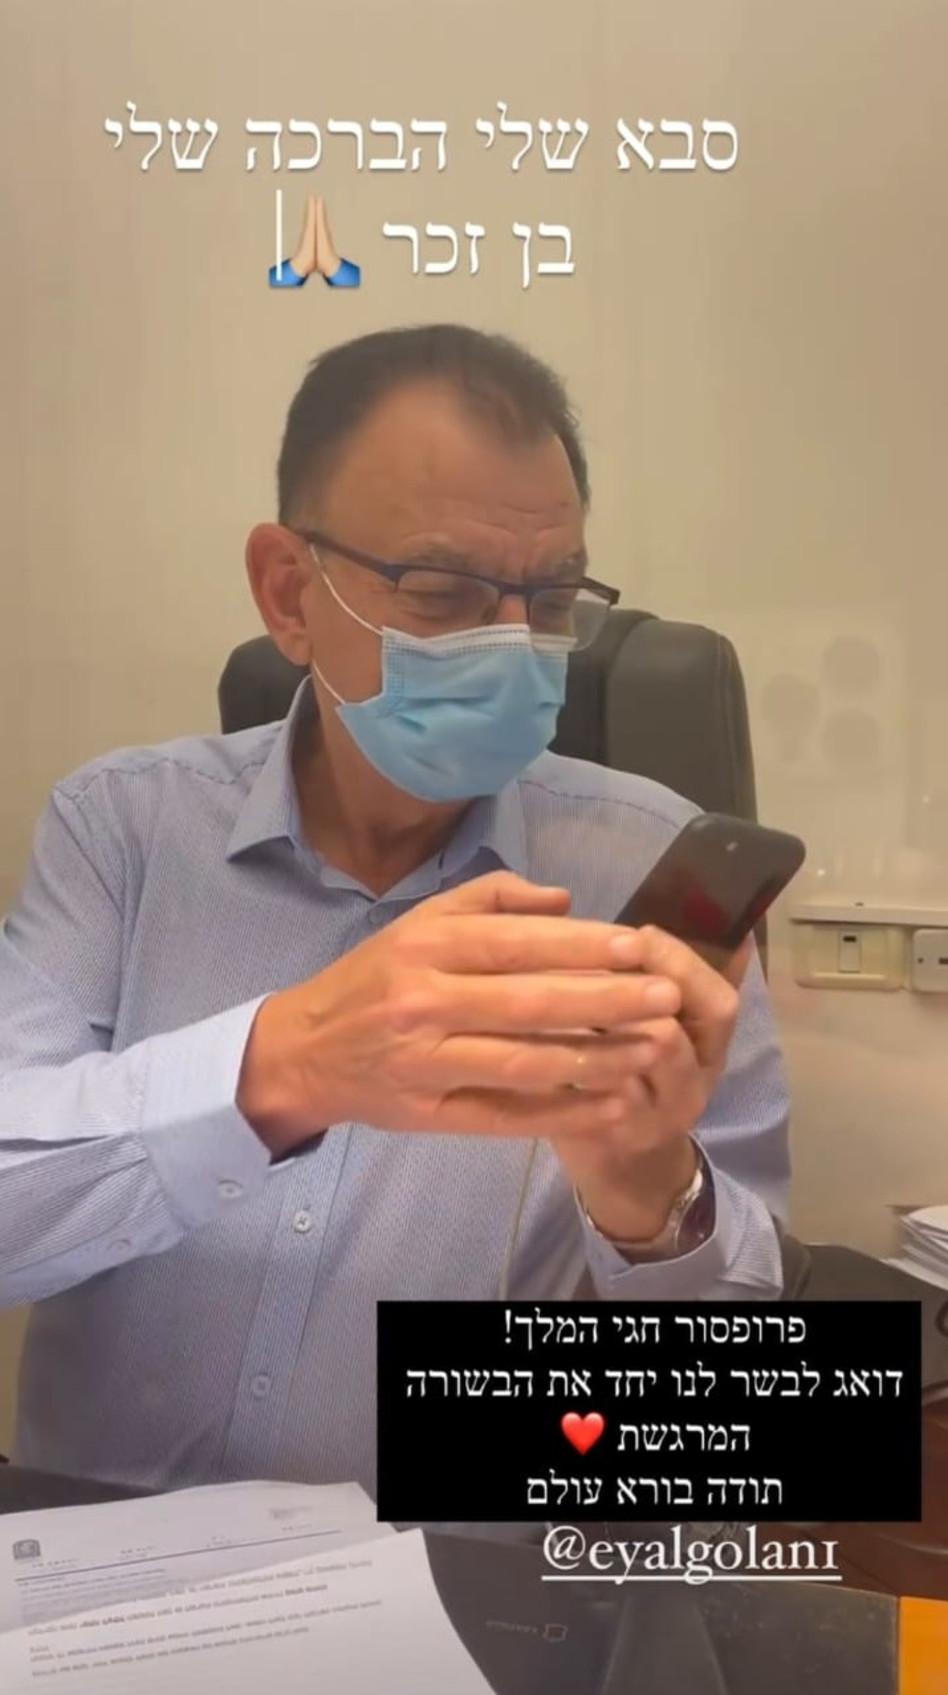 הרופא של דניאל גרינברג מבשר להם על מין העובר (צילום: צילום מסך אינסטגרם)